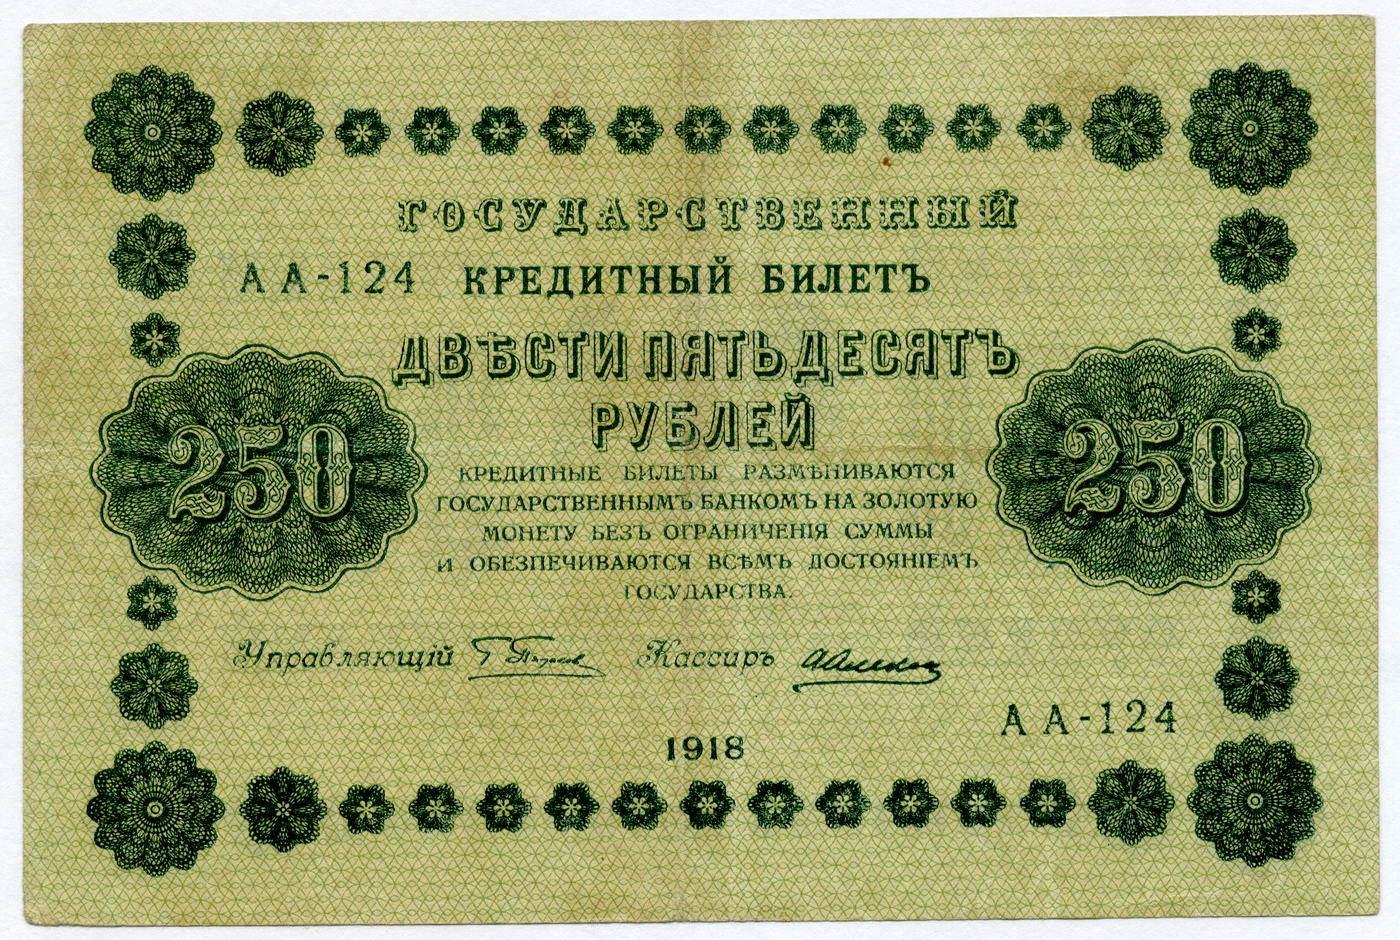 Банкнота 250 рублей 1918 года. Кассир Алексеев. Управляющий Пятаков (Серия АГ-124). VF